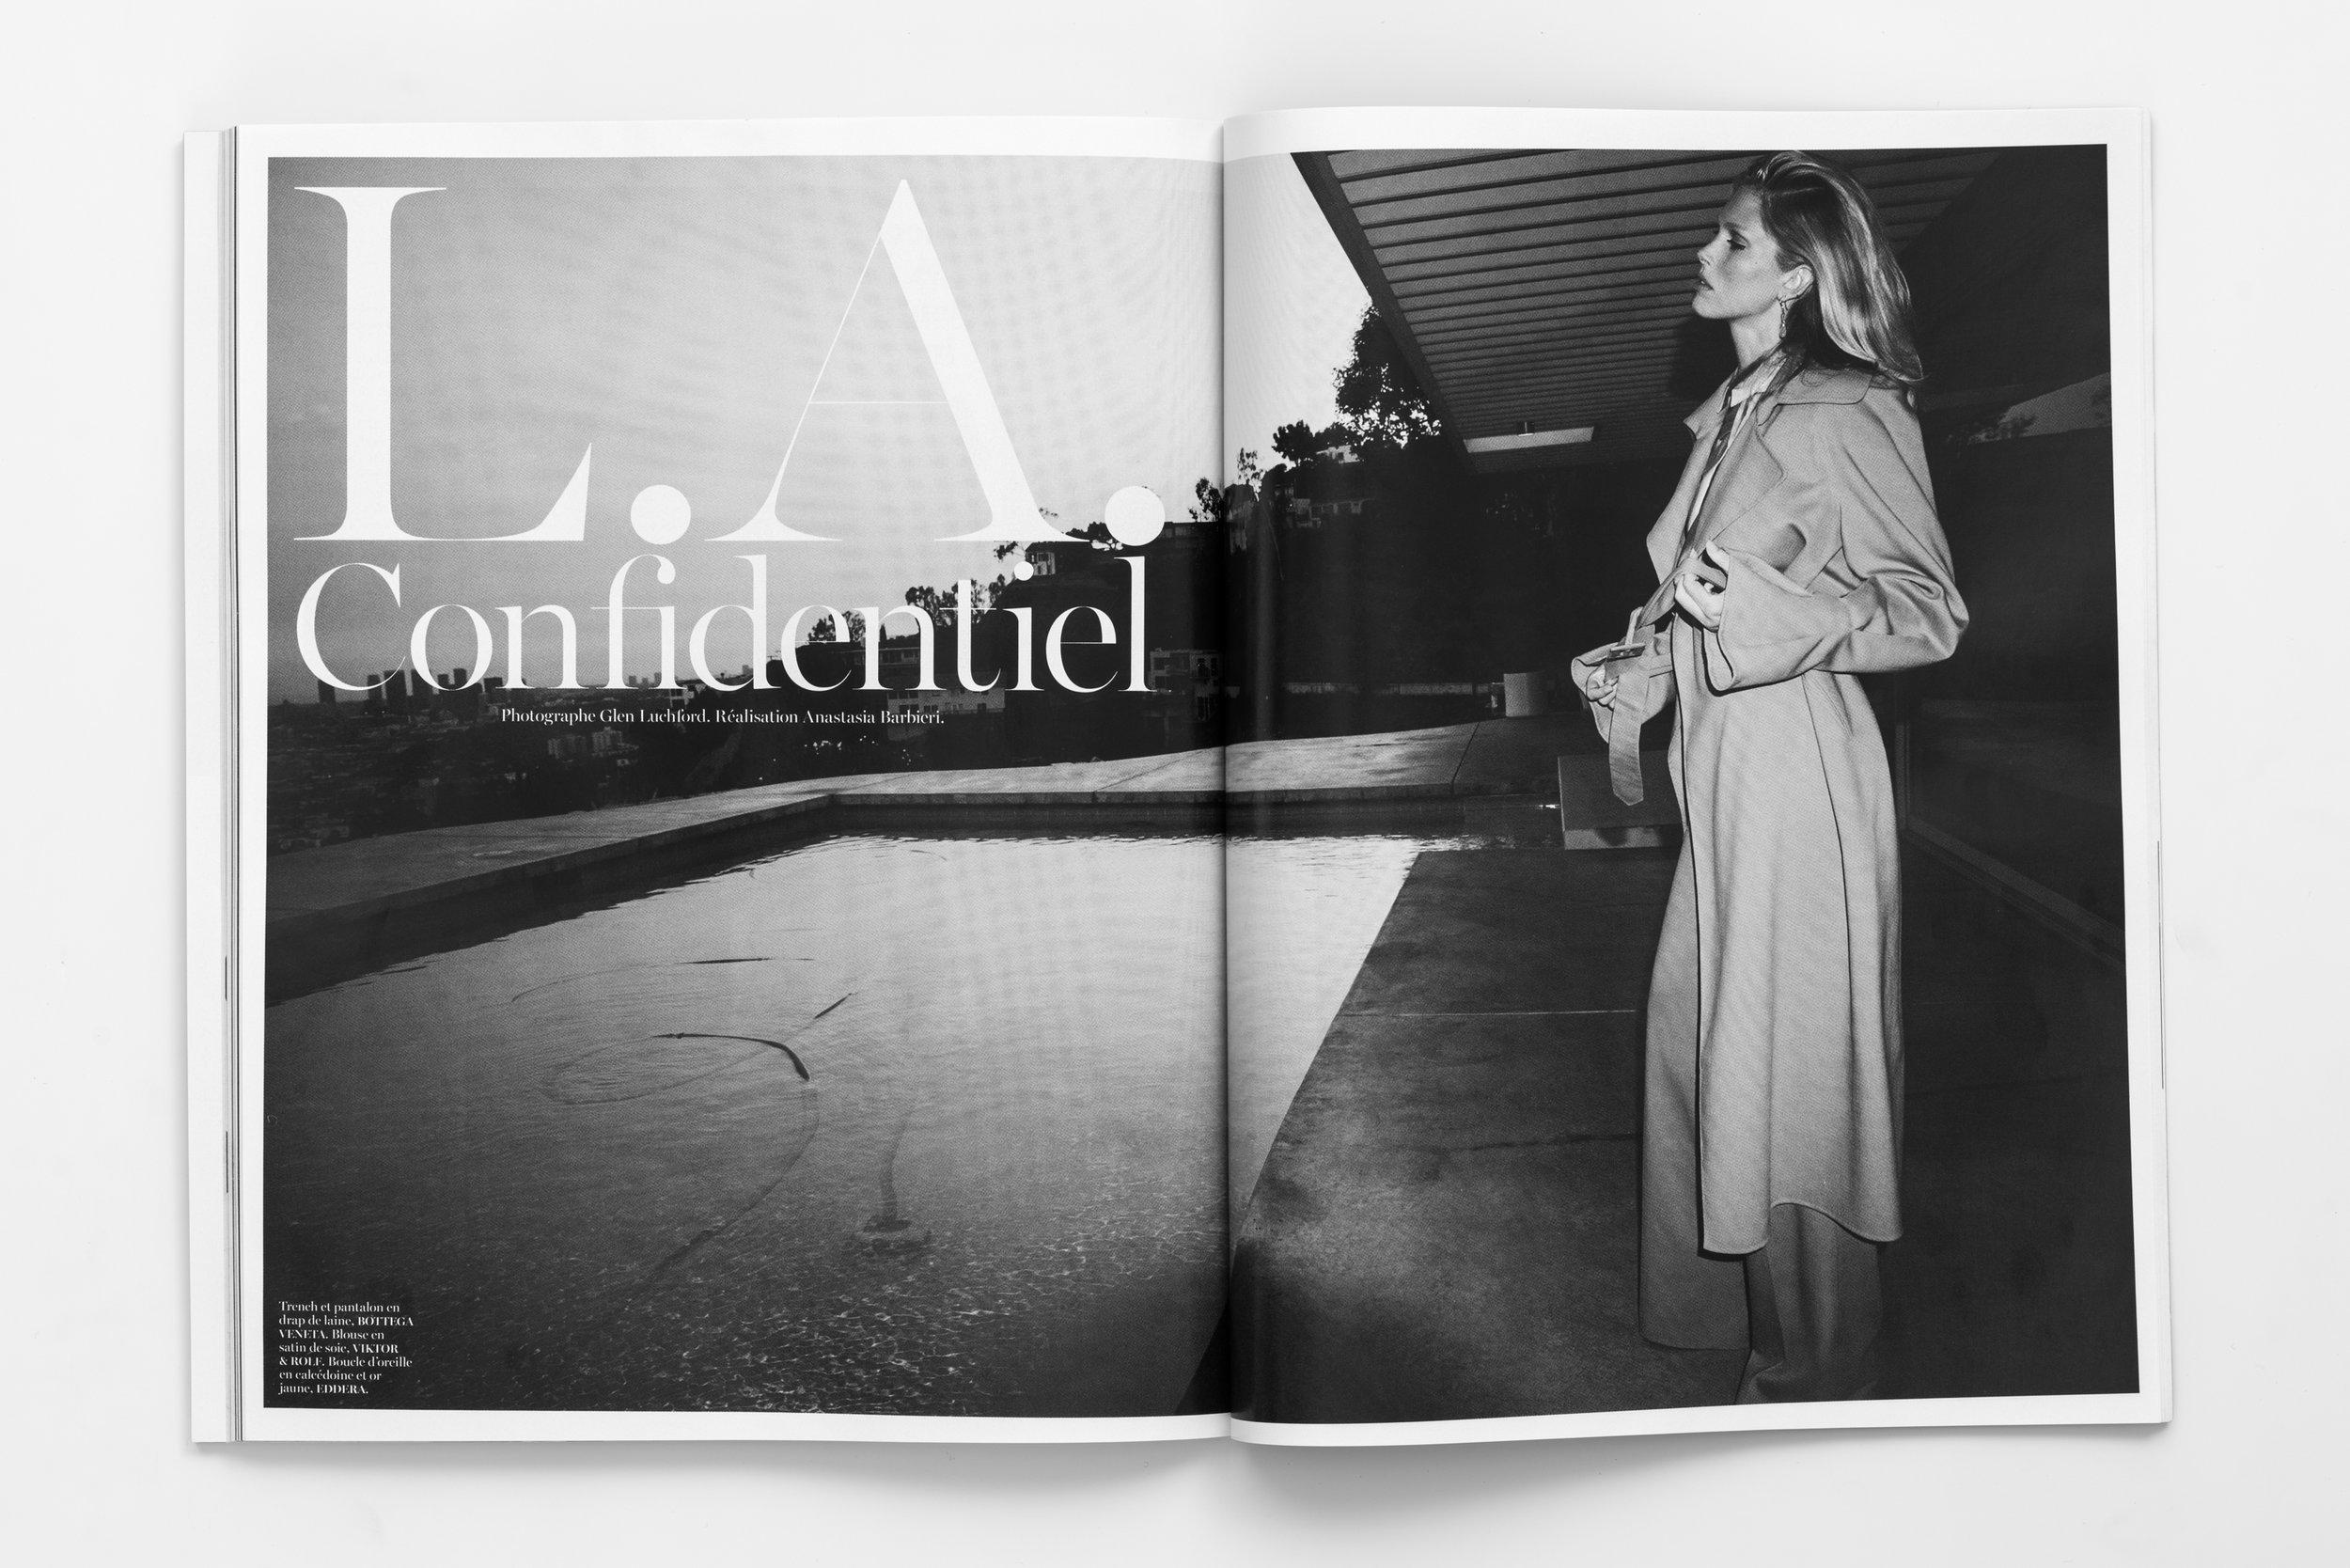 Iselin Steiro_Glen Lucheford_Vogue Paris_L.A. Confidentiel_1.jpg